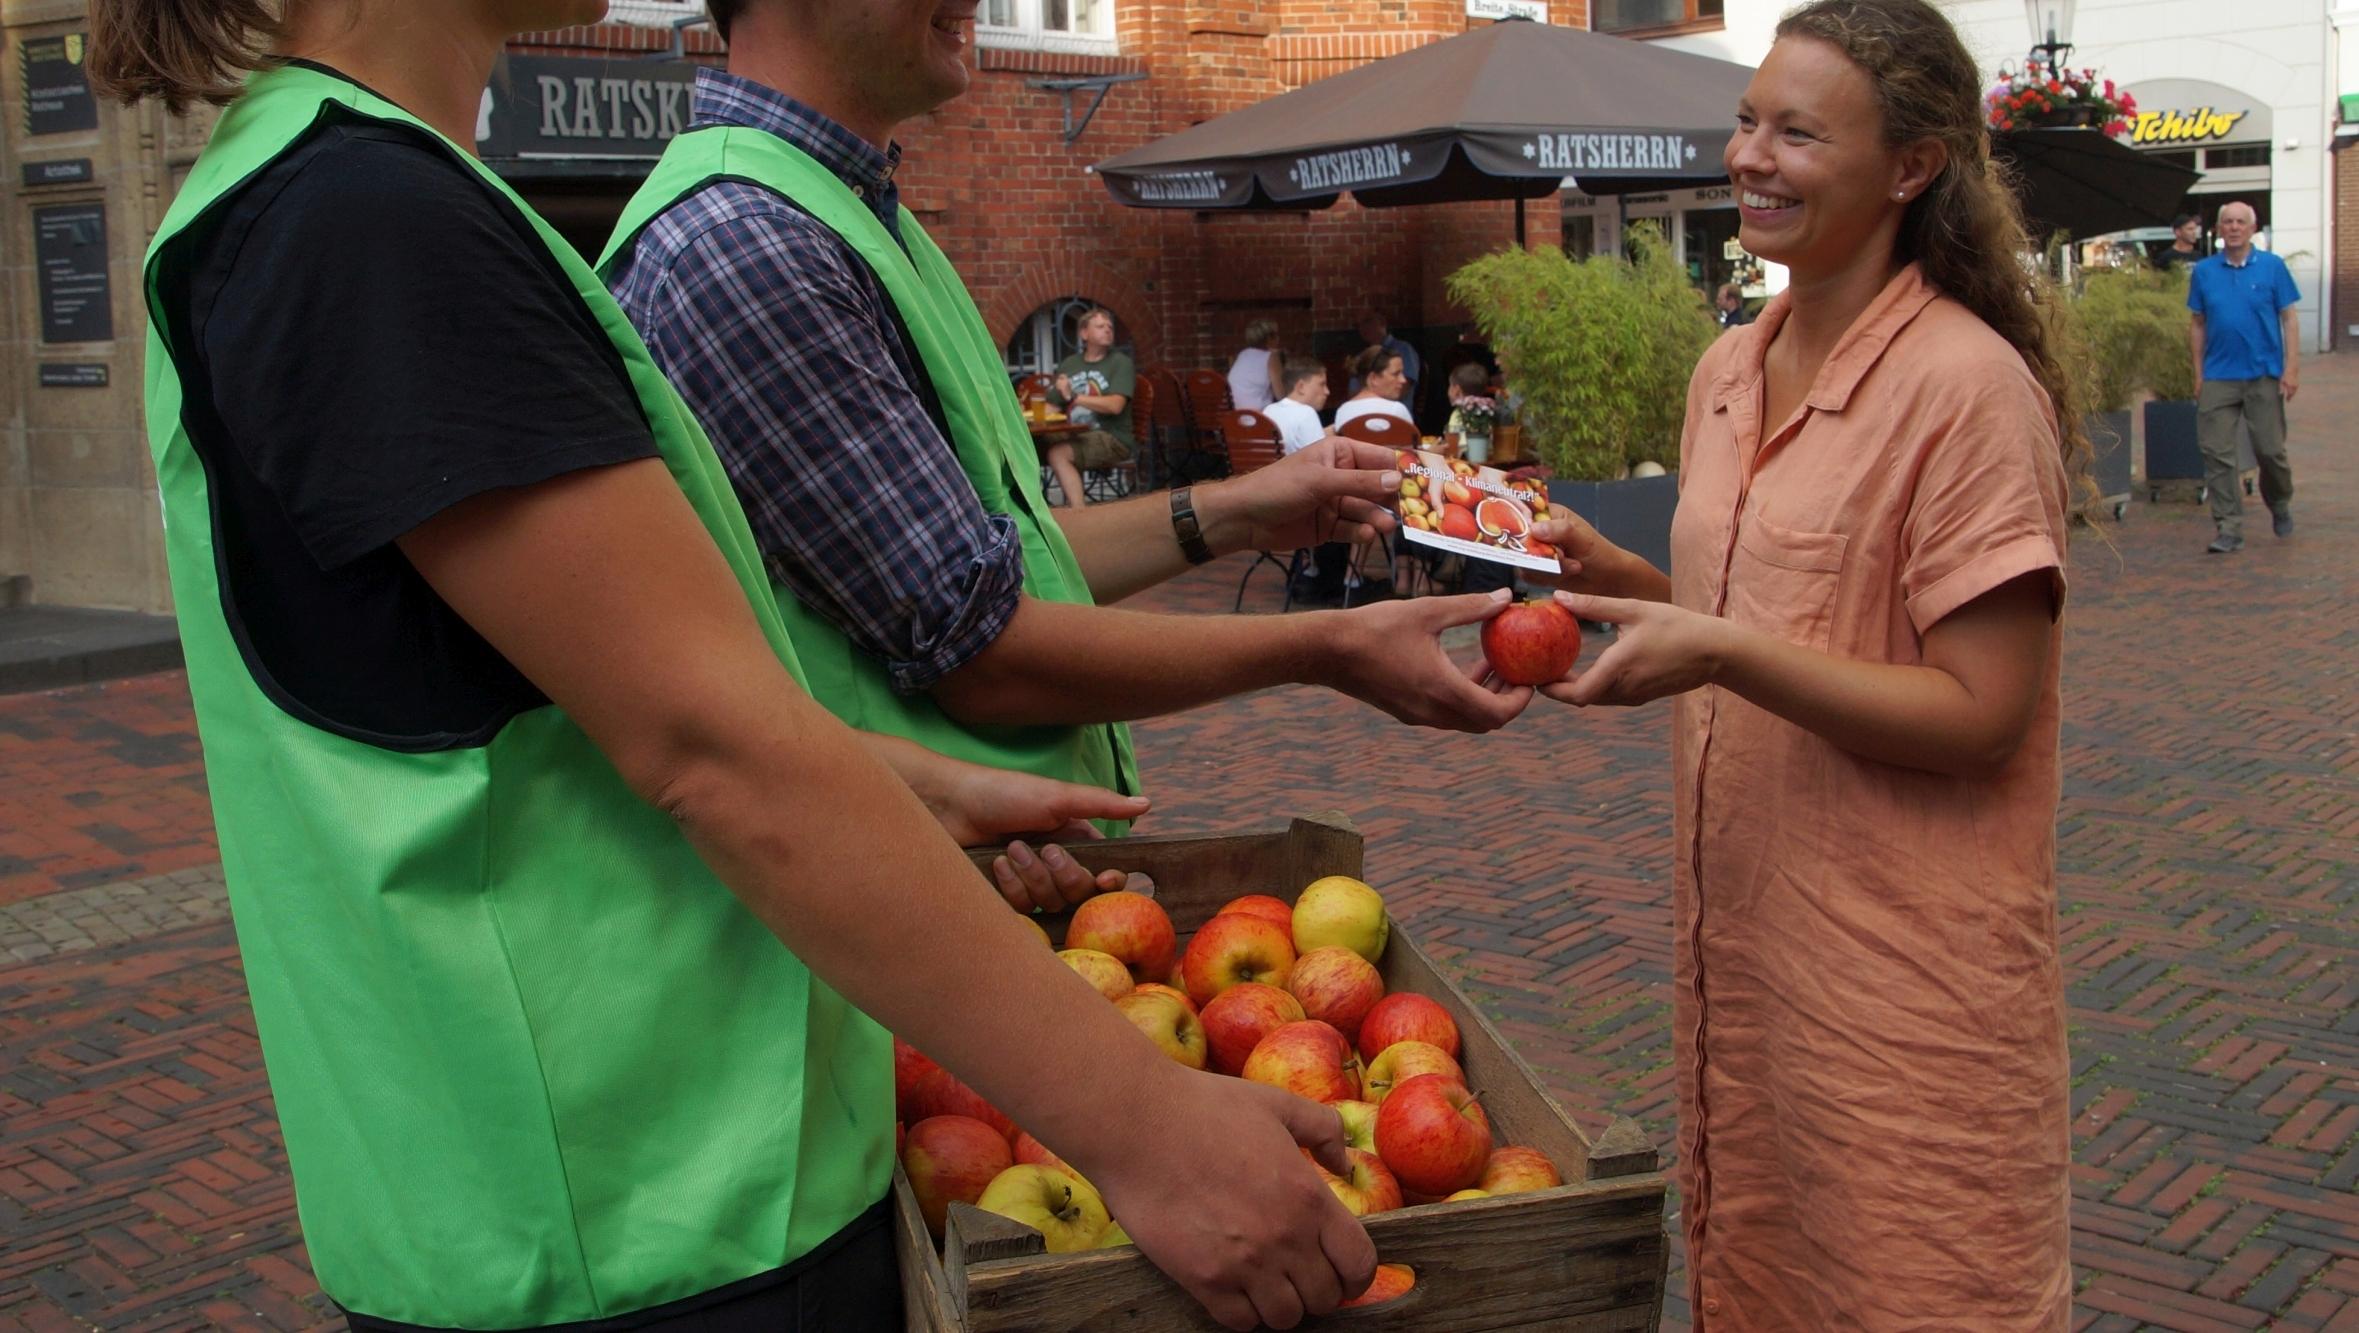 Bundesweite Verteilaktion regionaler Obstbauern in deutschen Städten: Kommen Sie auf einen Apfel vorbei!